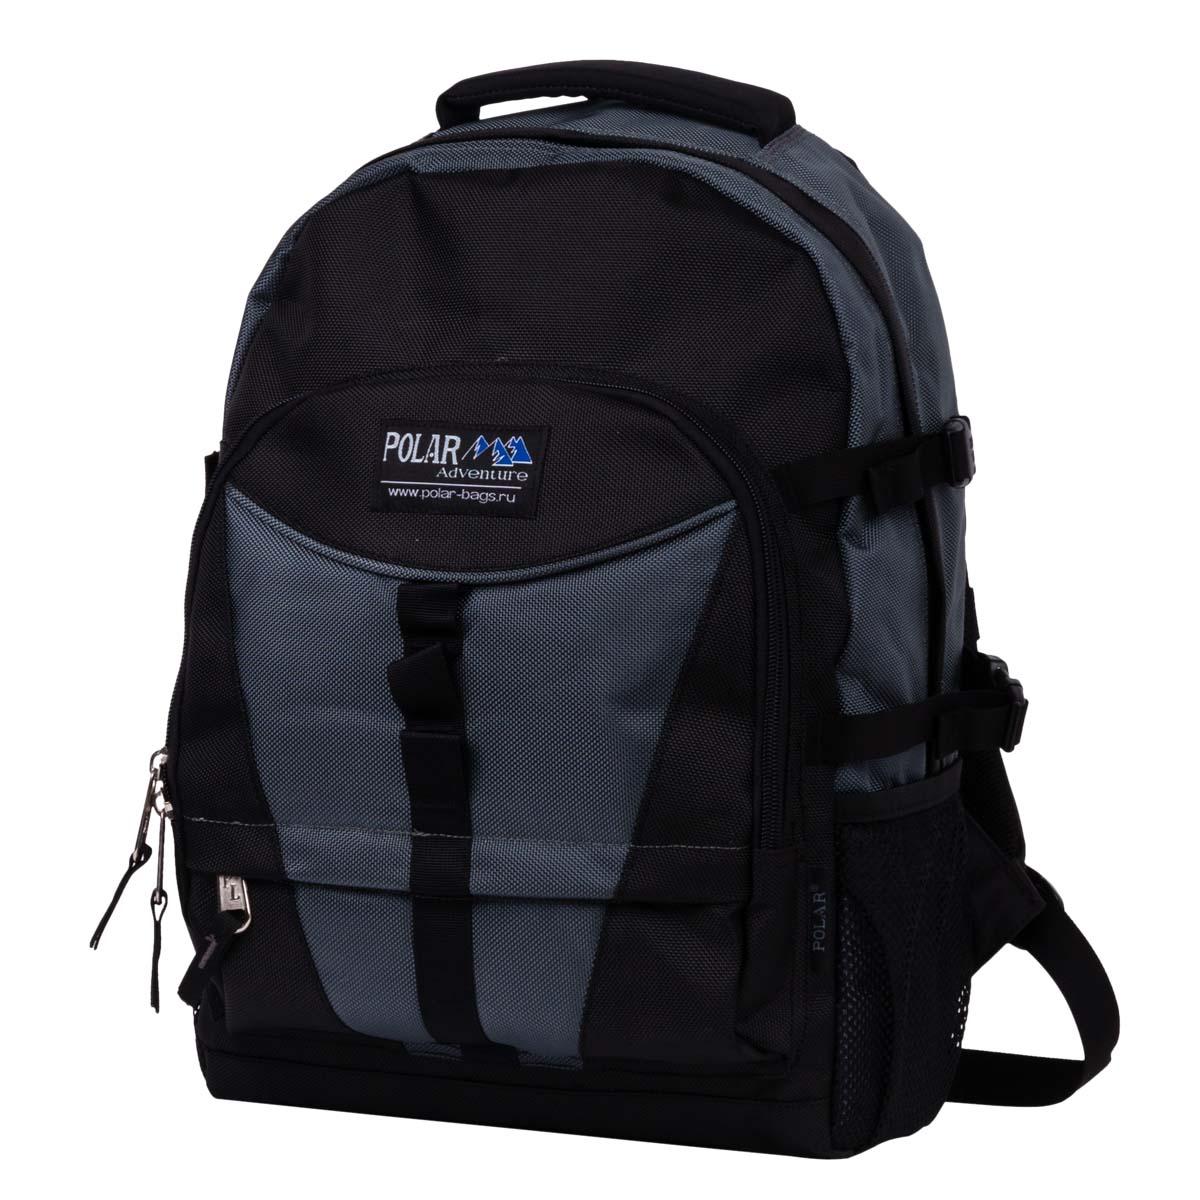 Рюкзак городской Polar, цвет: серый, 27,5 л. П939-06П939-06Оригинальная модель рюкзака для ноутбука Polar выполнена из полиэстера с водоотталкивающей пропиткой. Удобная спинка с вертикальными вставками из пены и трикотажной сетки, для лучшей циркуляции воздуха. Удобные лямки с грудной стяжкой лямок. Внутри большого отделения есть отделение для ноутбука и дополнительное отделение, а также два кармана из сетки с клапанами на липучке для мышки и зарядного устройства. Снаружи расположены четыре стяжки для регулирования объема. Два боковых кармана из сетки. Вместительный карман с органайзером и дополнительными кармашками. Дополнительно в комплект входит съемный чехол, что позволит надежней сохранить ваши вещи в дождливую погоду. Вместительный и очень удобный рюкзак позволит вам взять с собой все необходимое как для вашего портативного компьютера, так и для себя. Материал: Cordura PU 1000D.Размер отделения для ноутбука: 28 х 5 х 35 см.